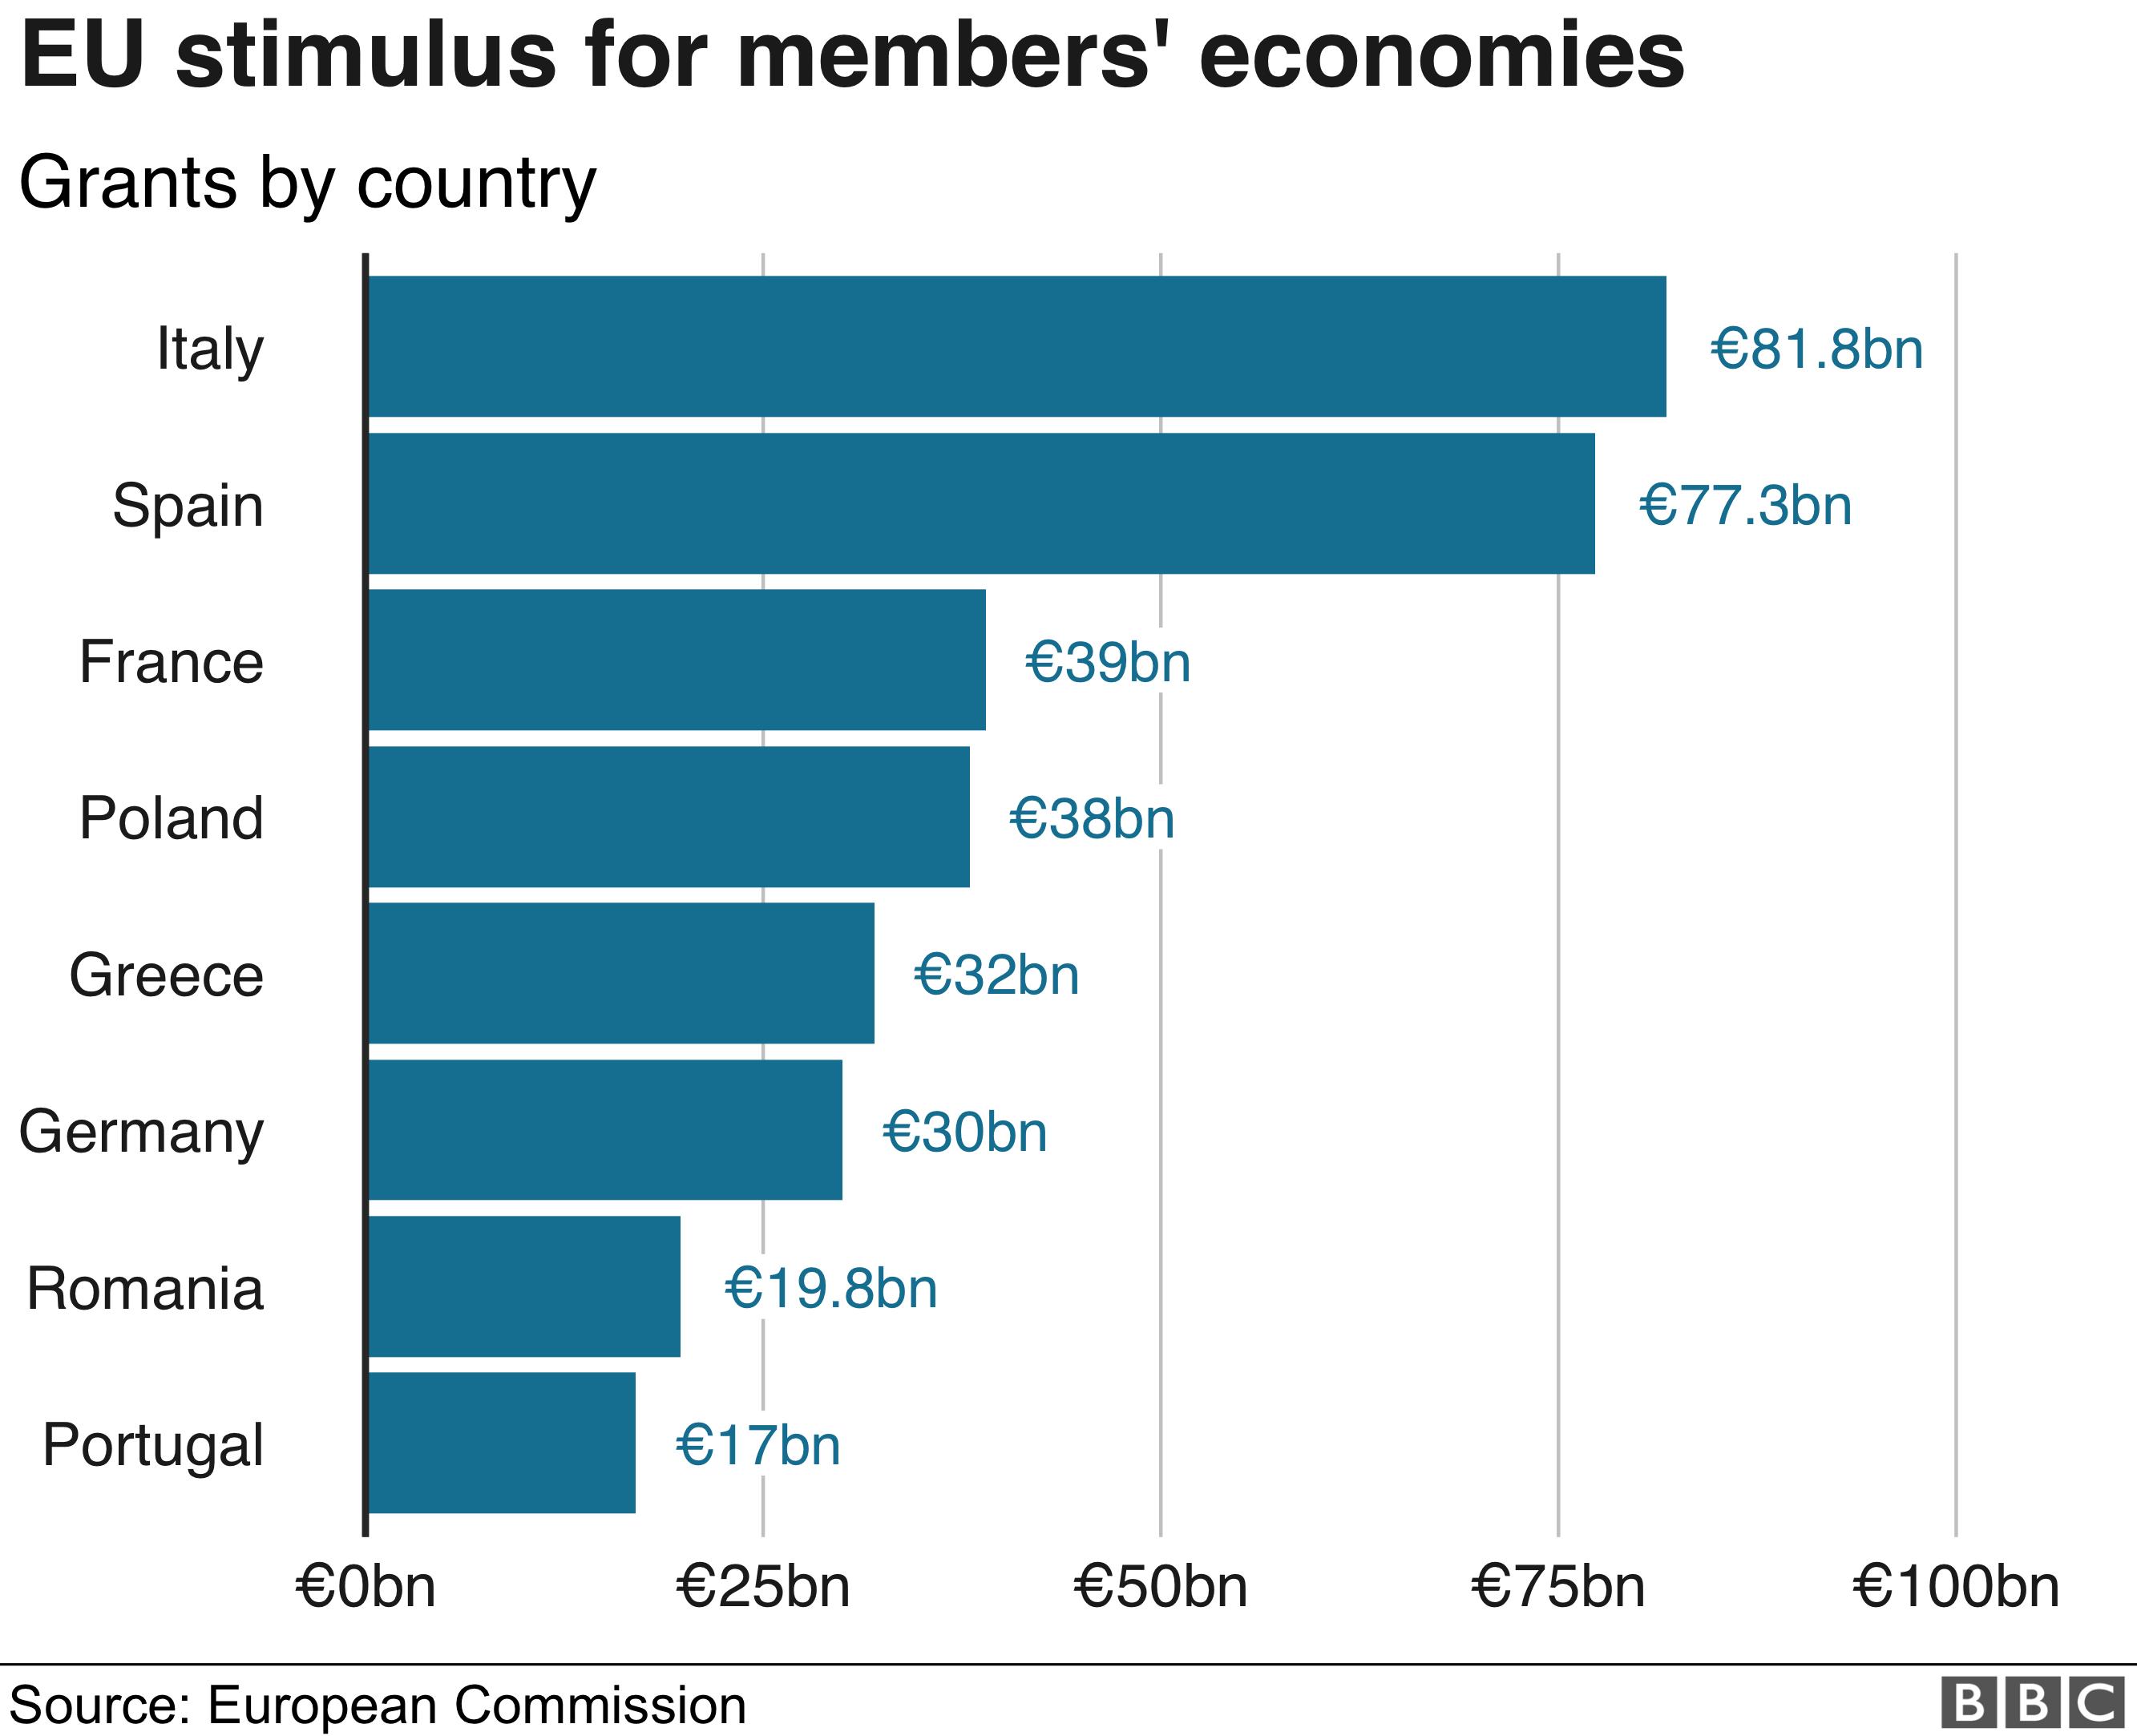 EU stimulus graphic